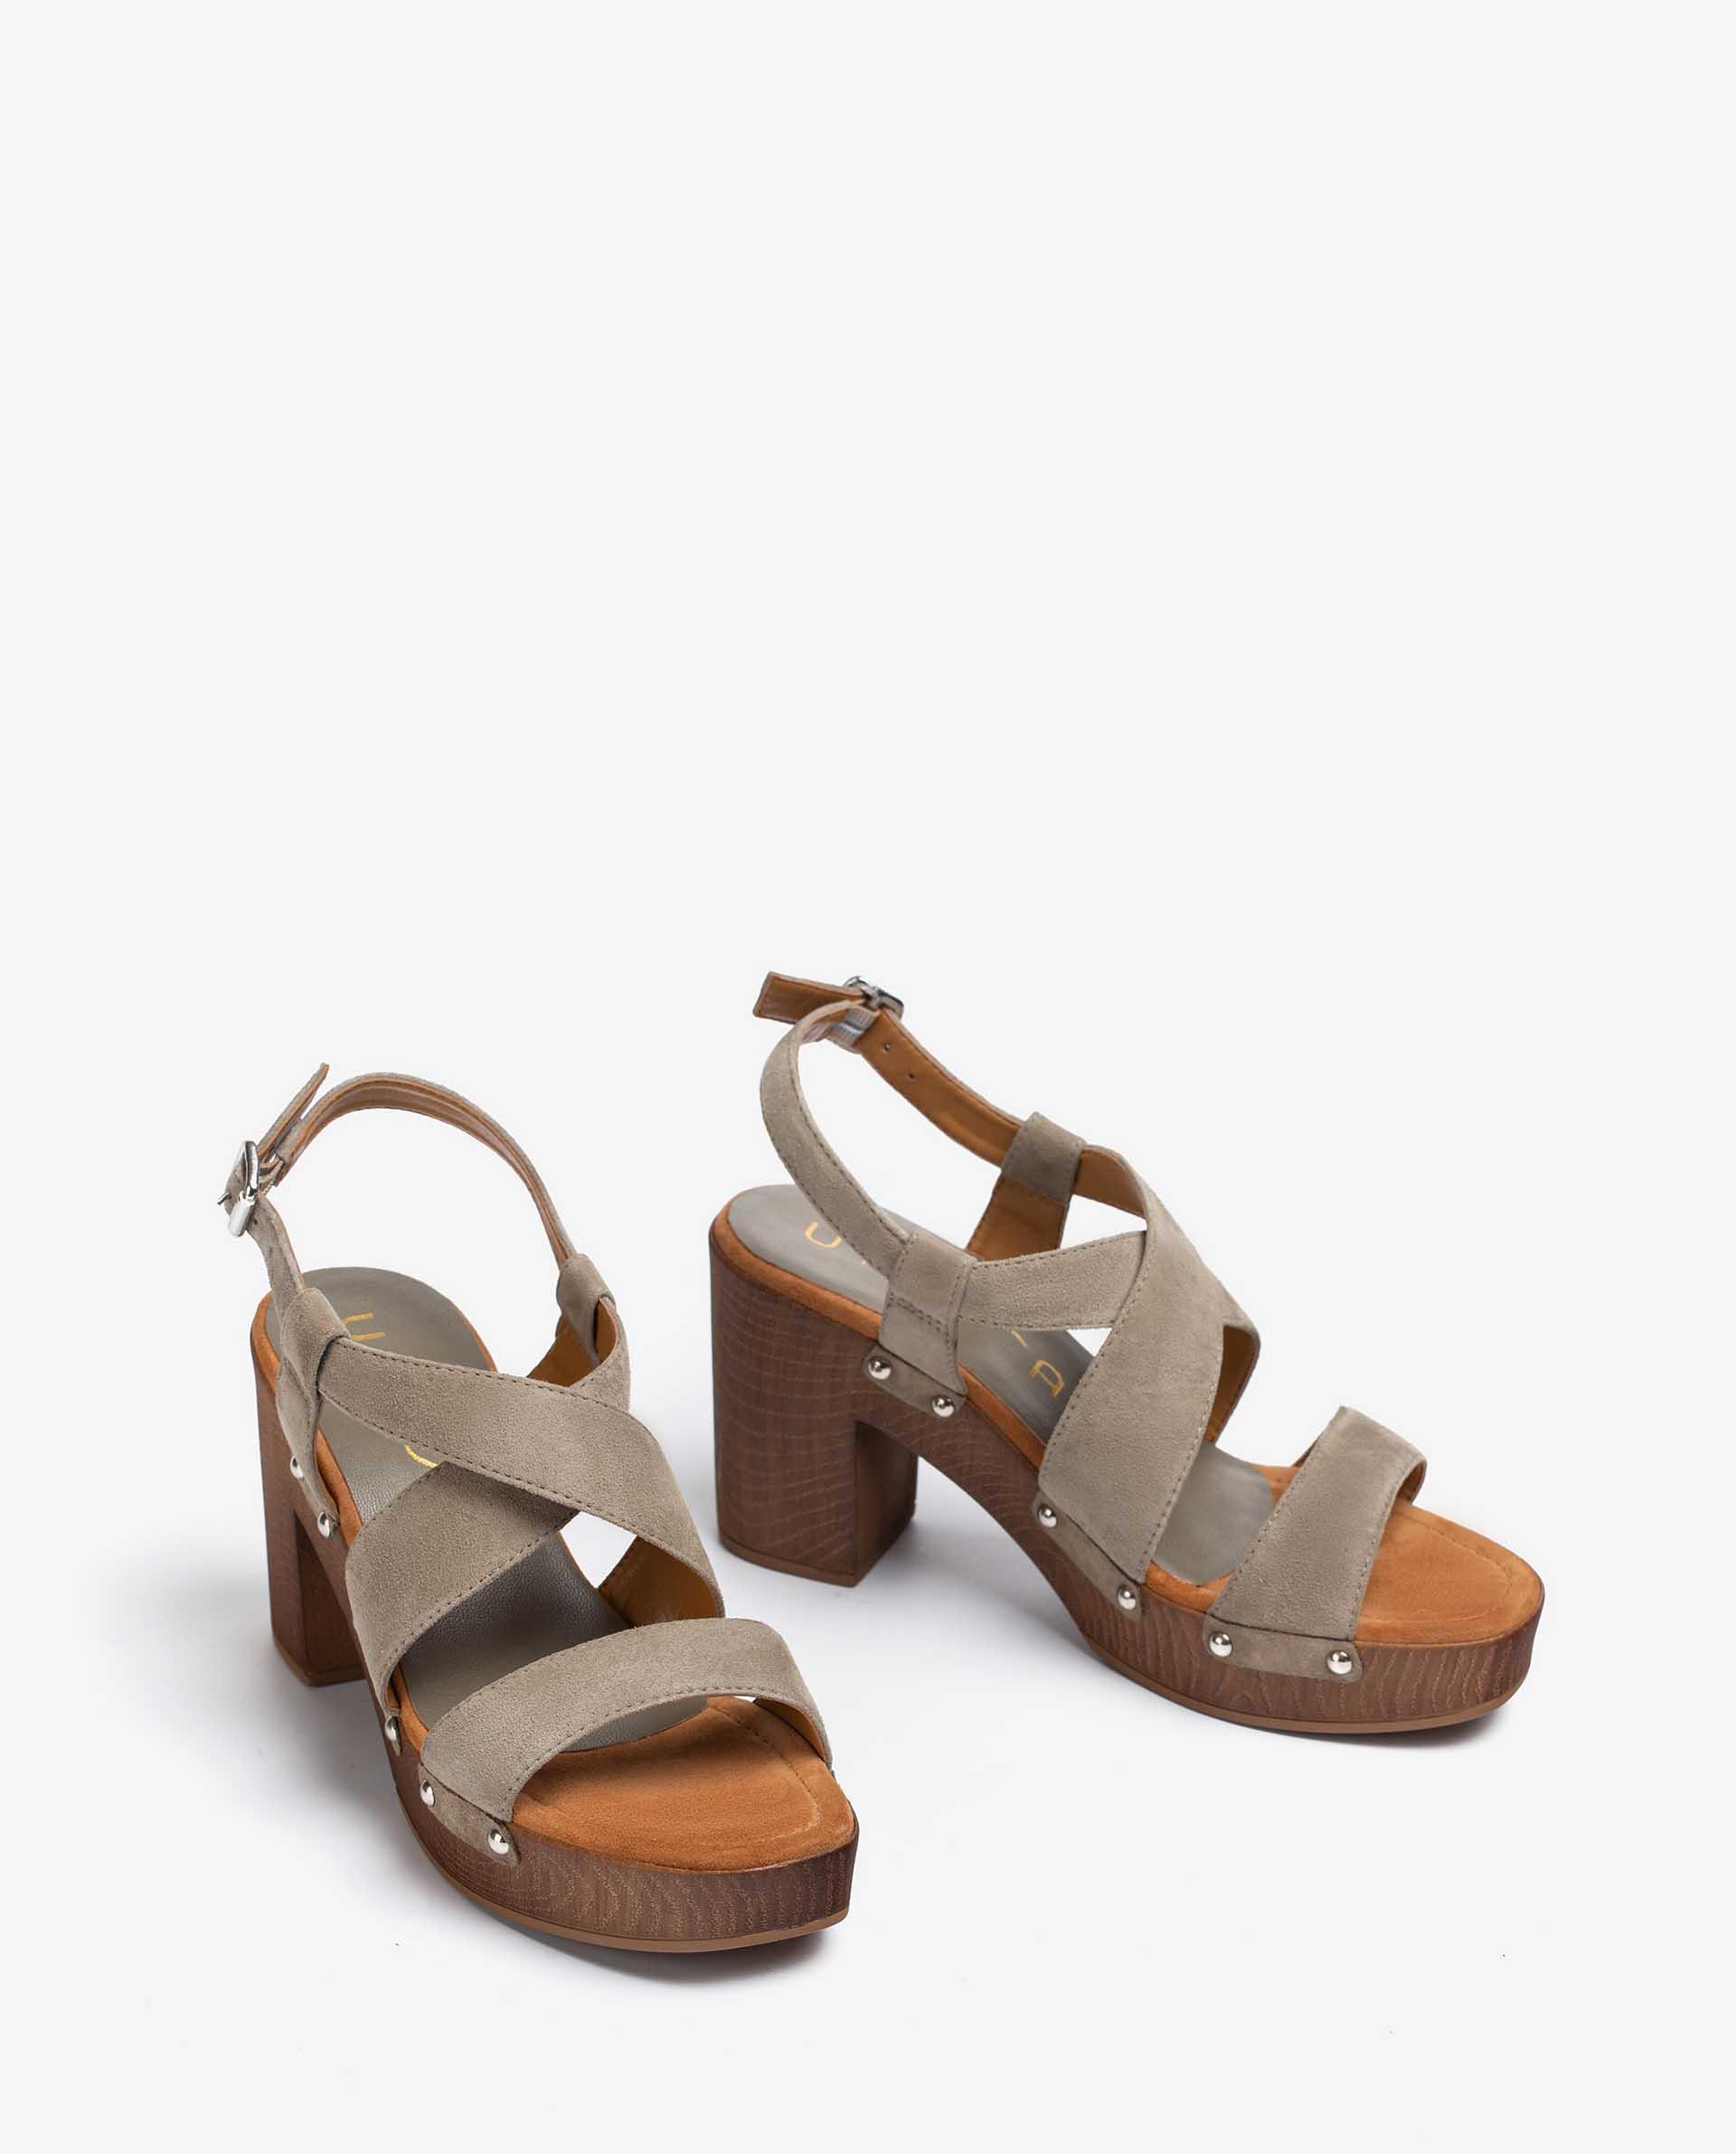 UNISA Kid suede block sandals TERRAT_21_KS 2